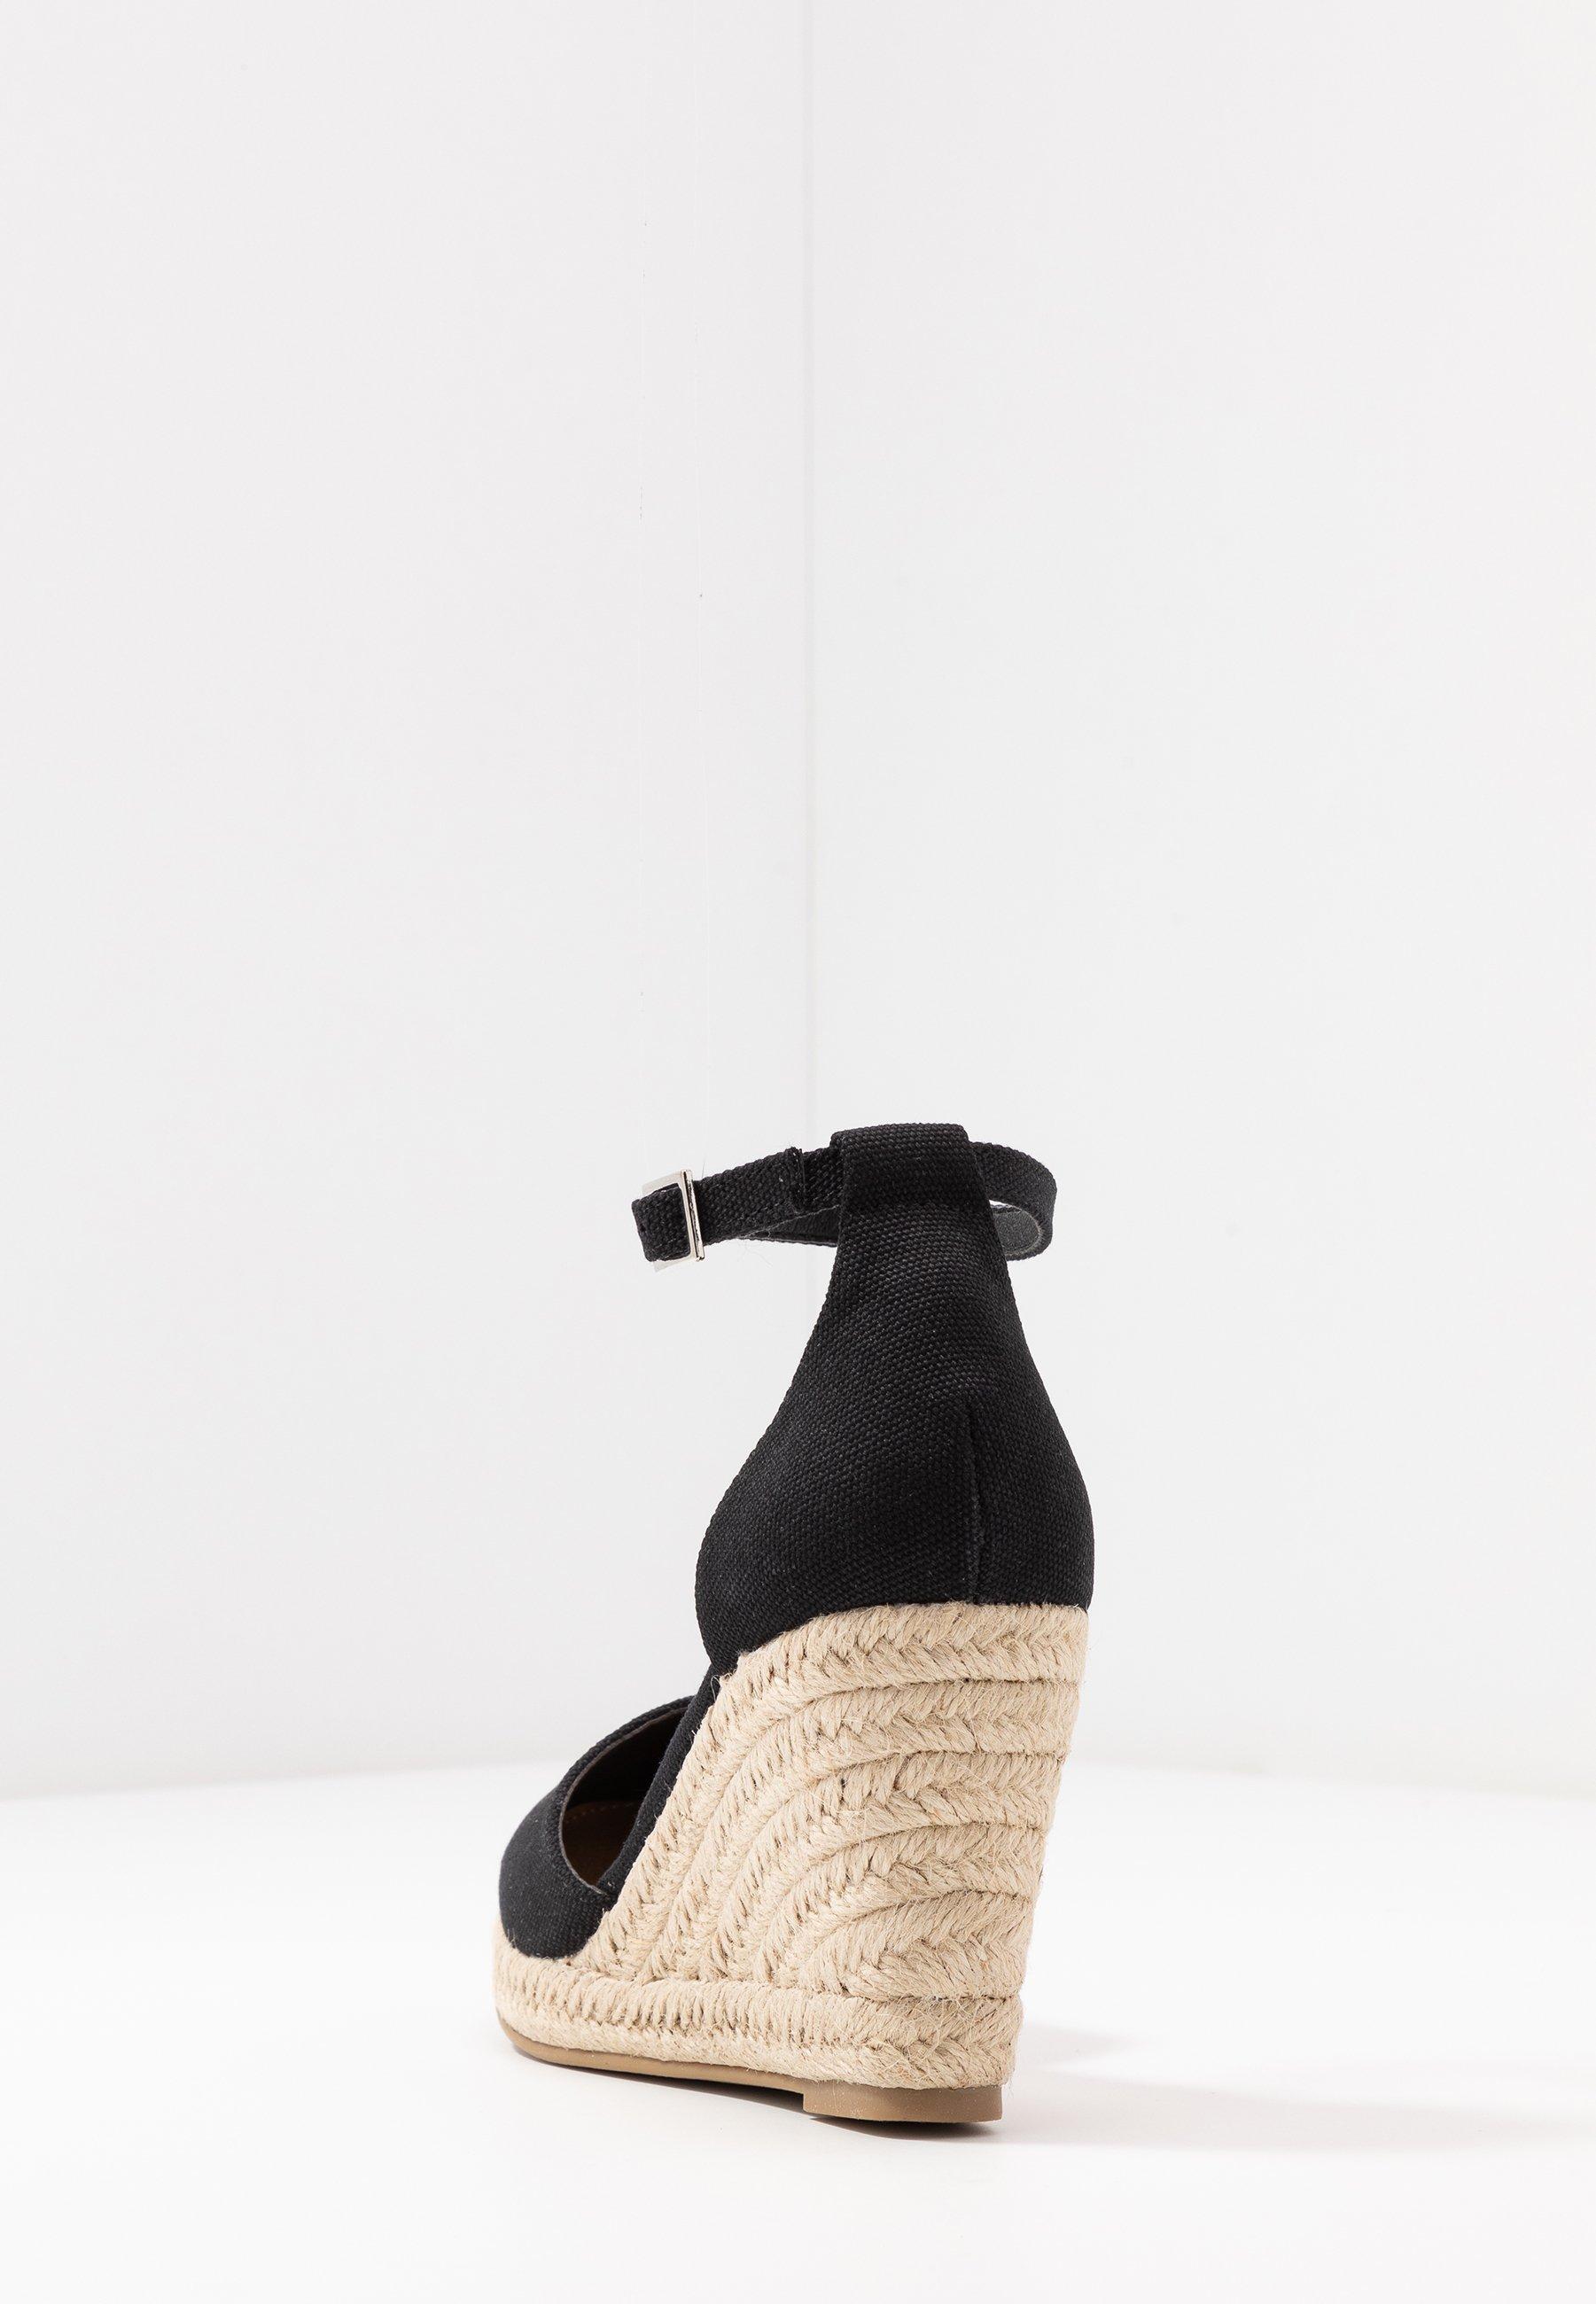 Femme FLORENCE CLOSED TOE  - Escarpins à talons hauts - black